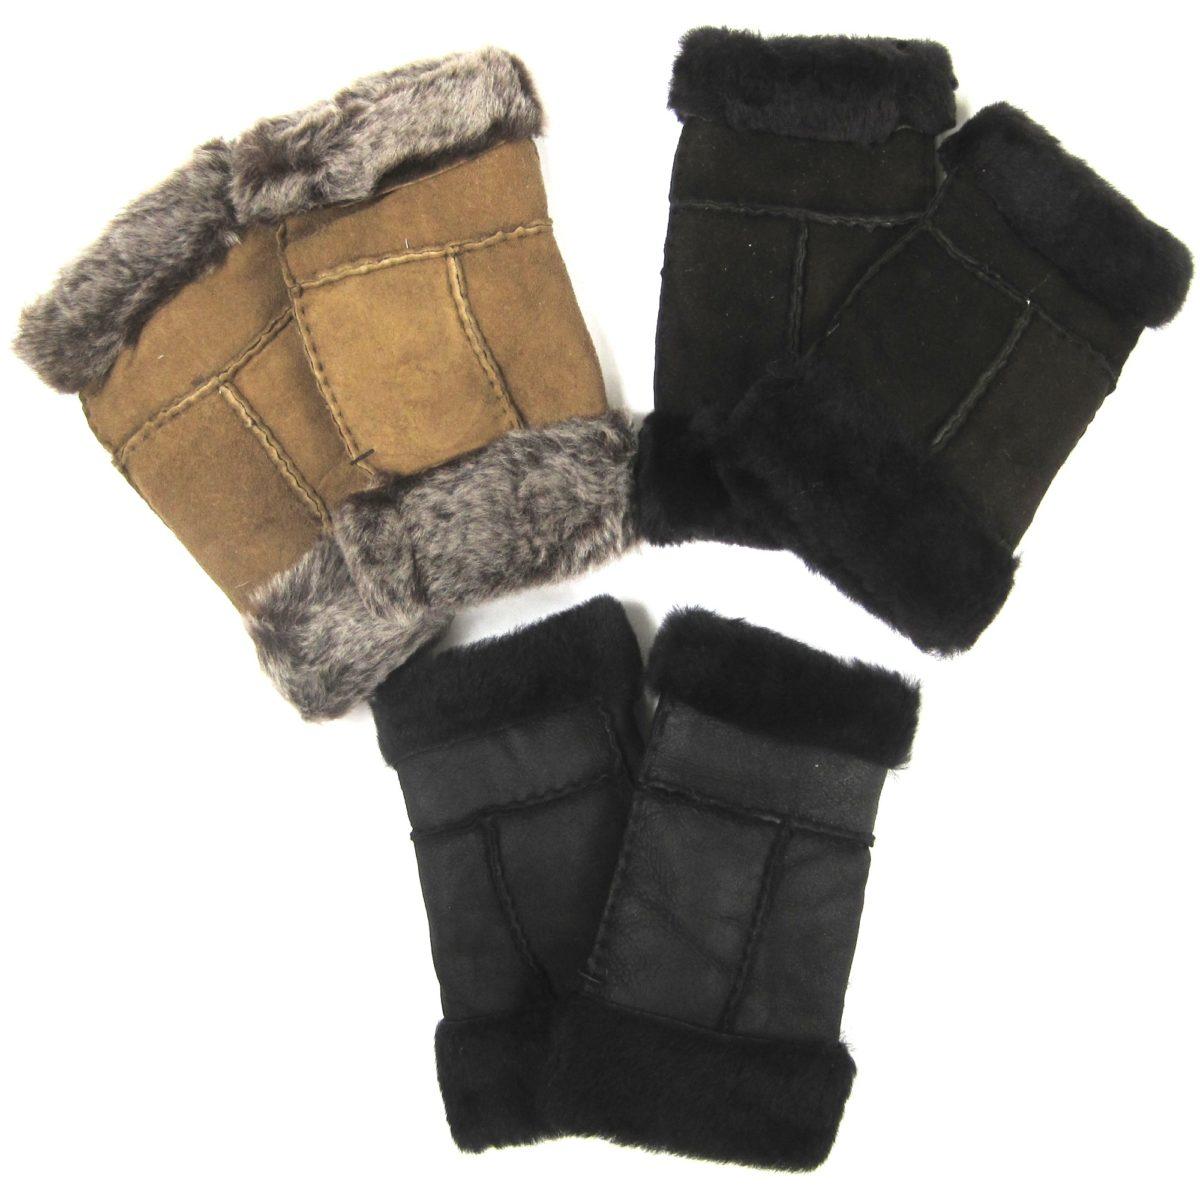 Ladies Sheepskin Fingerless Gloves - 3 Colours